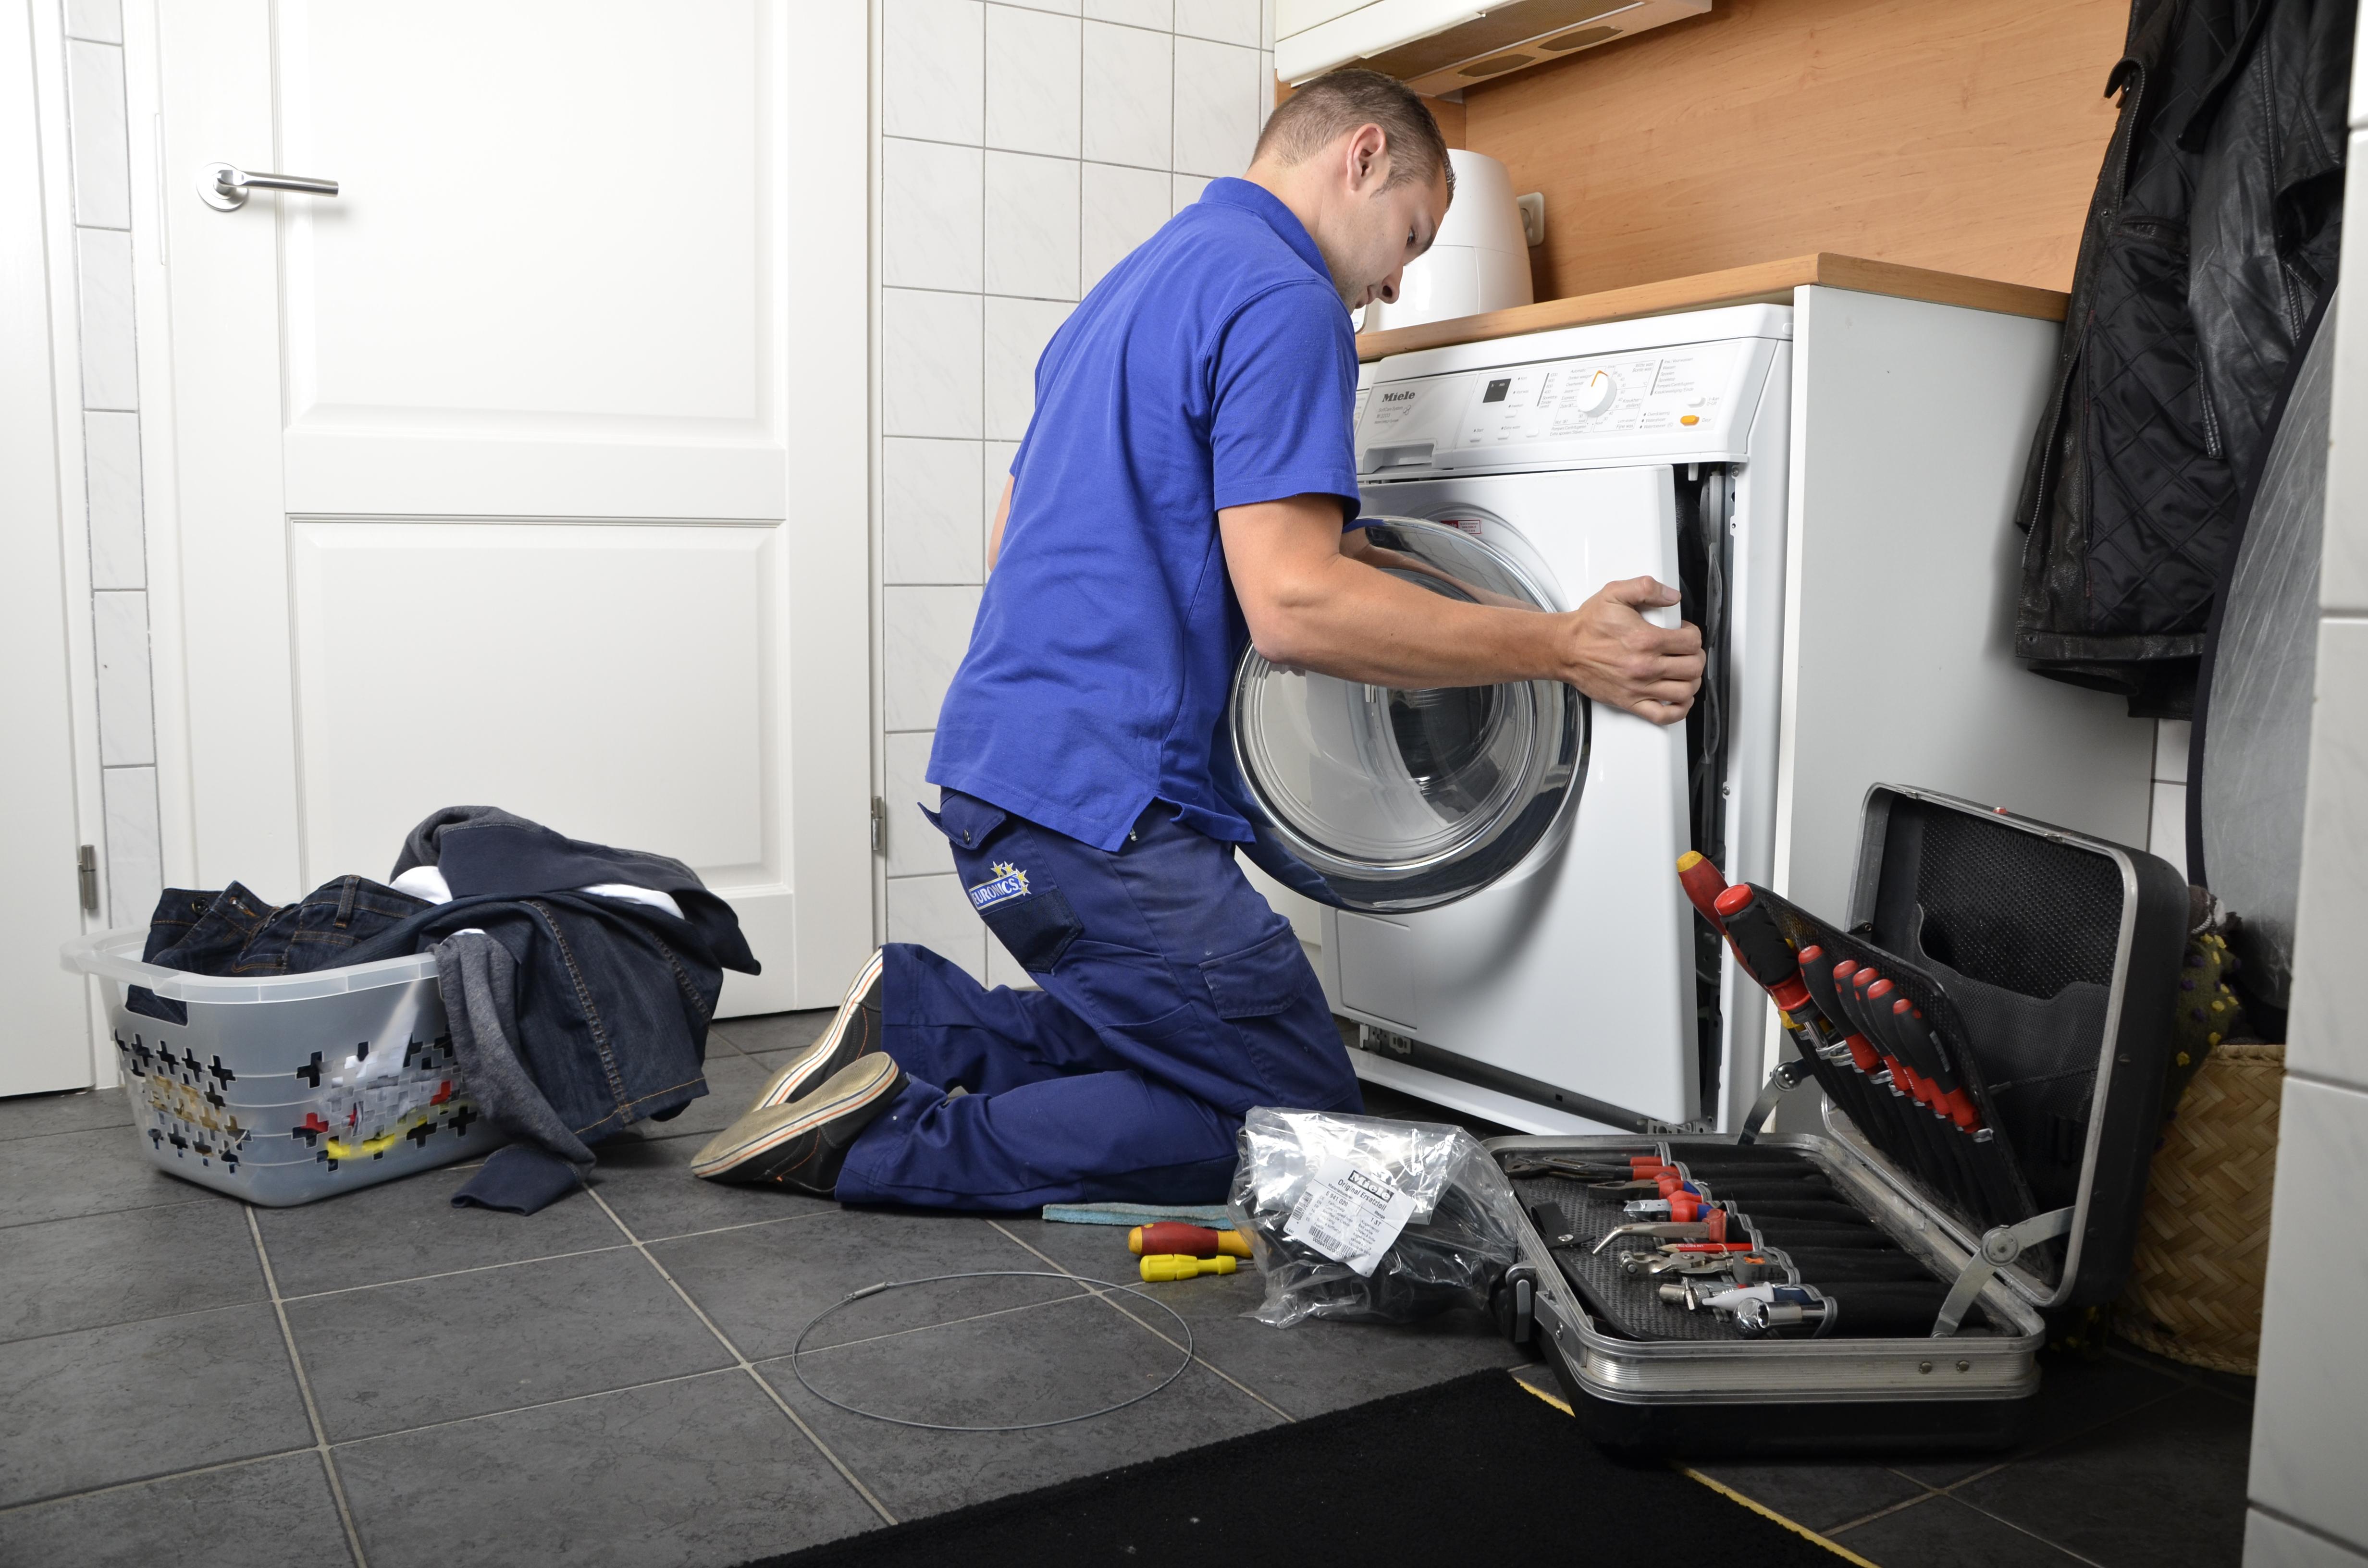 Bekend Wasmachine centrifugeert niet meer AZ28